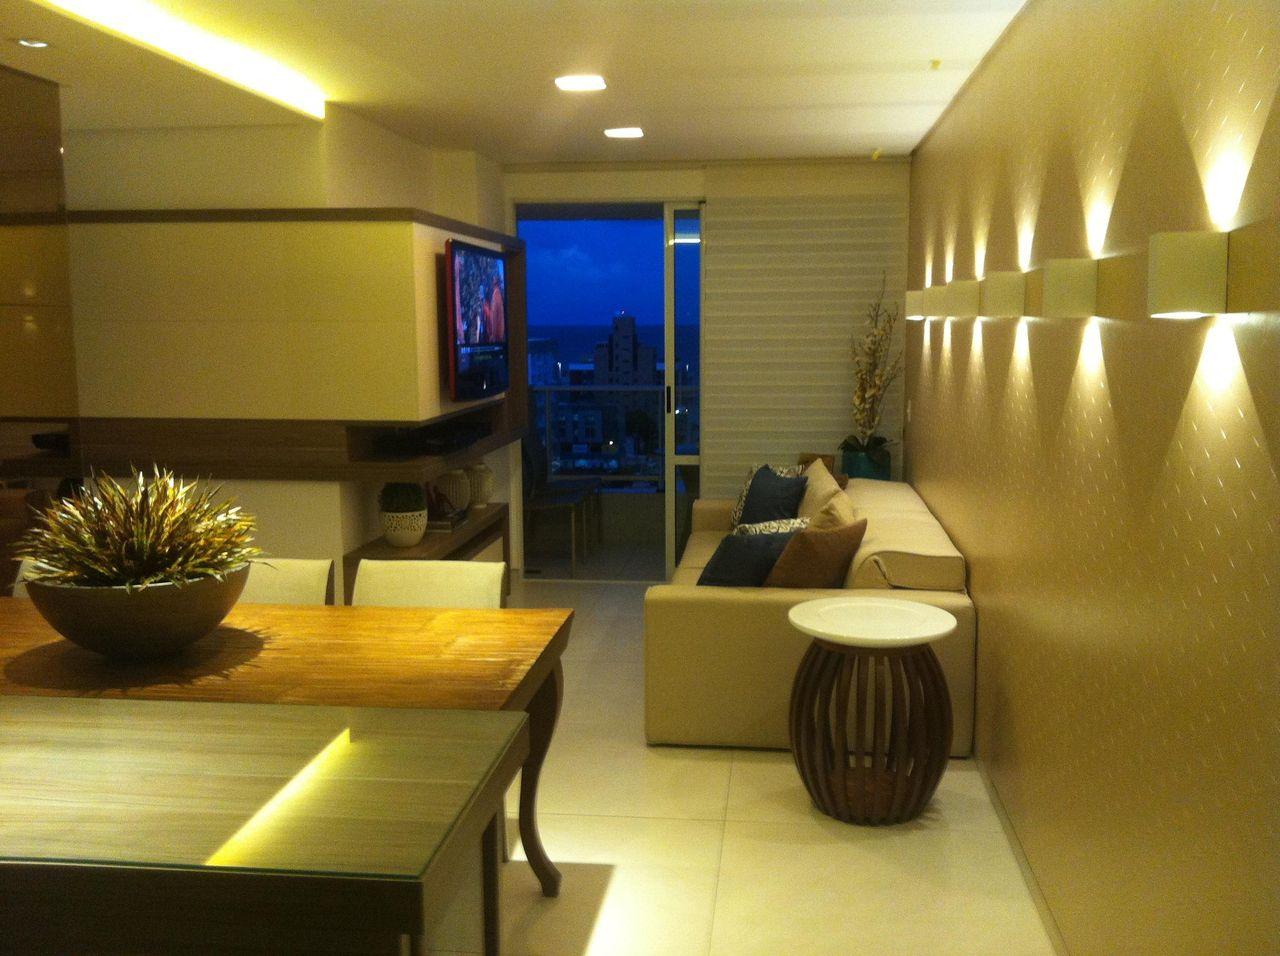 Sala Pequena De Apartamento De Larissa Vinagre 44366 No Viva Decora -> Sala Pequena Apartamento